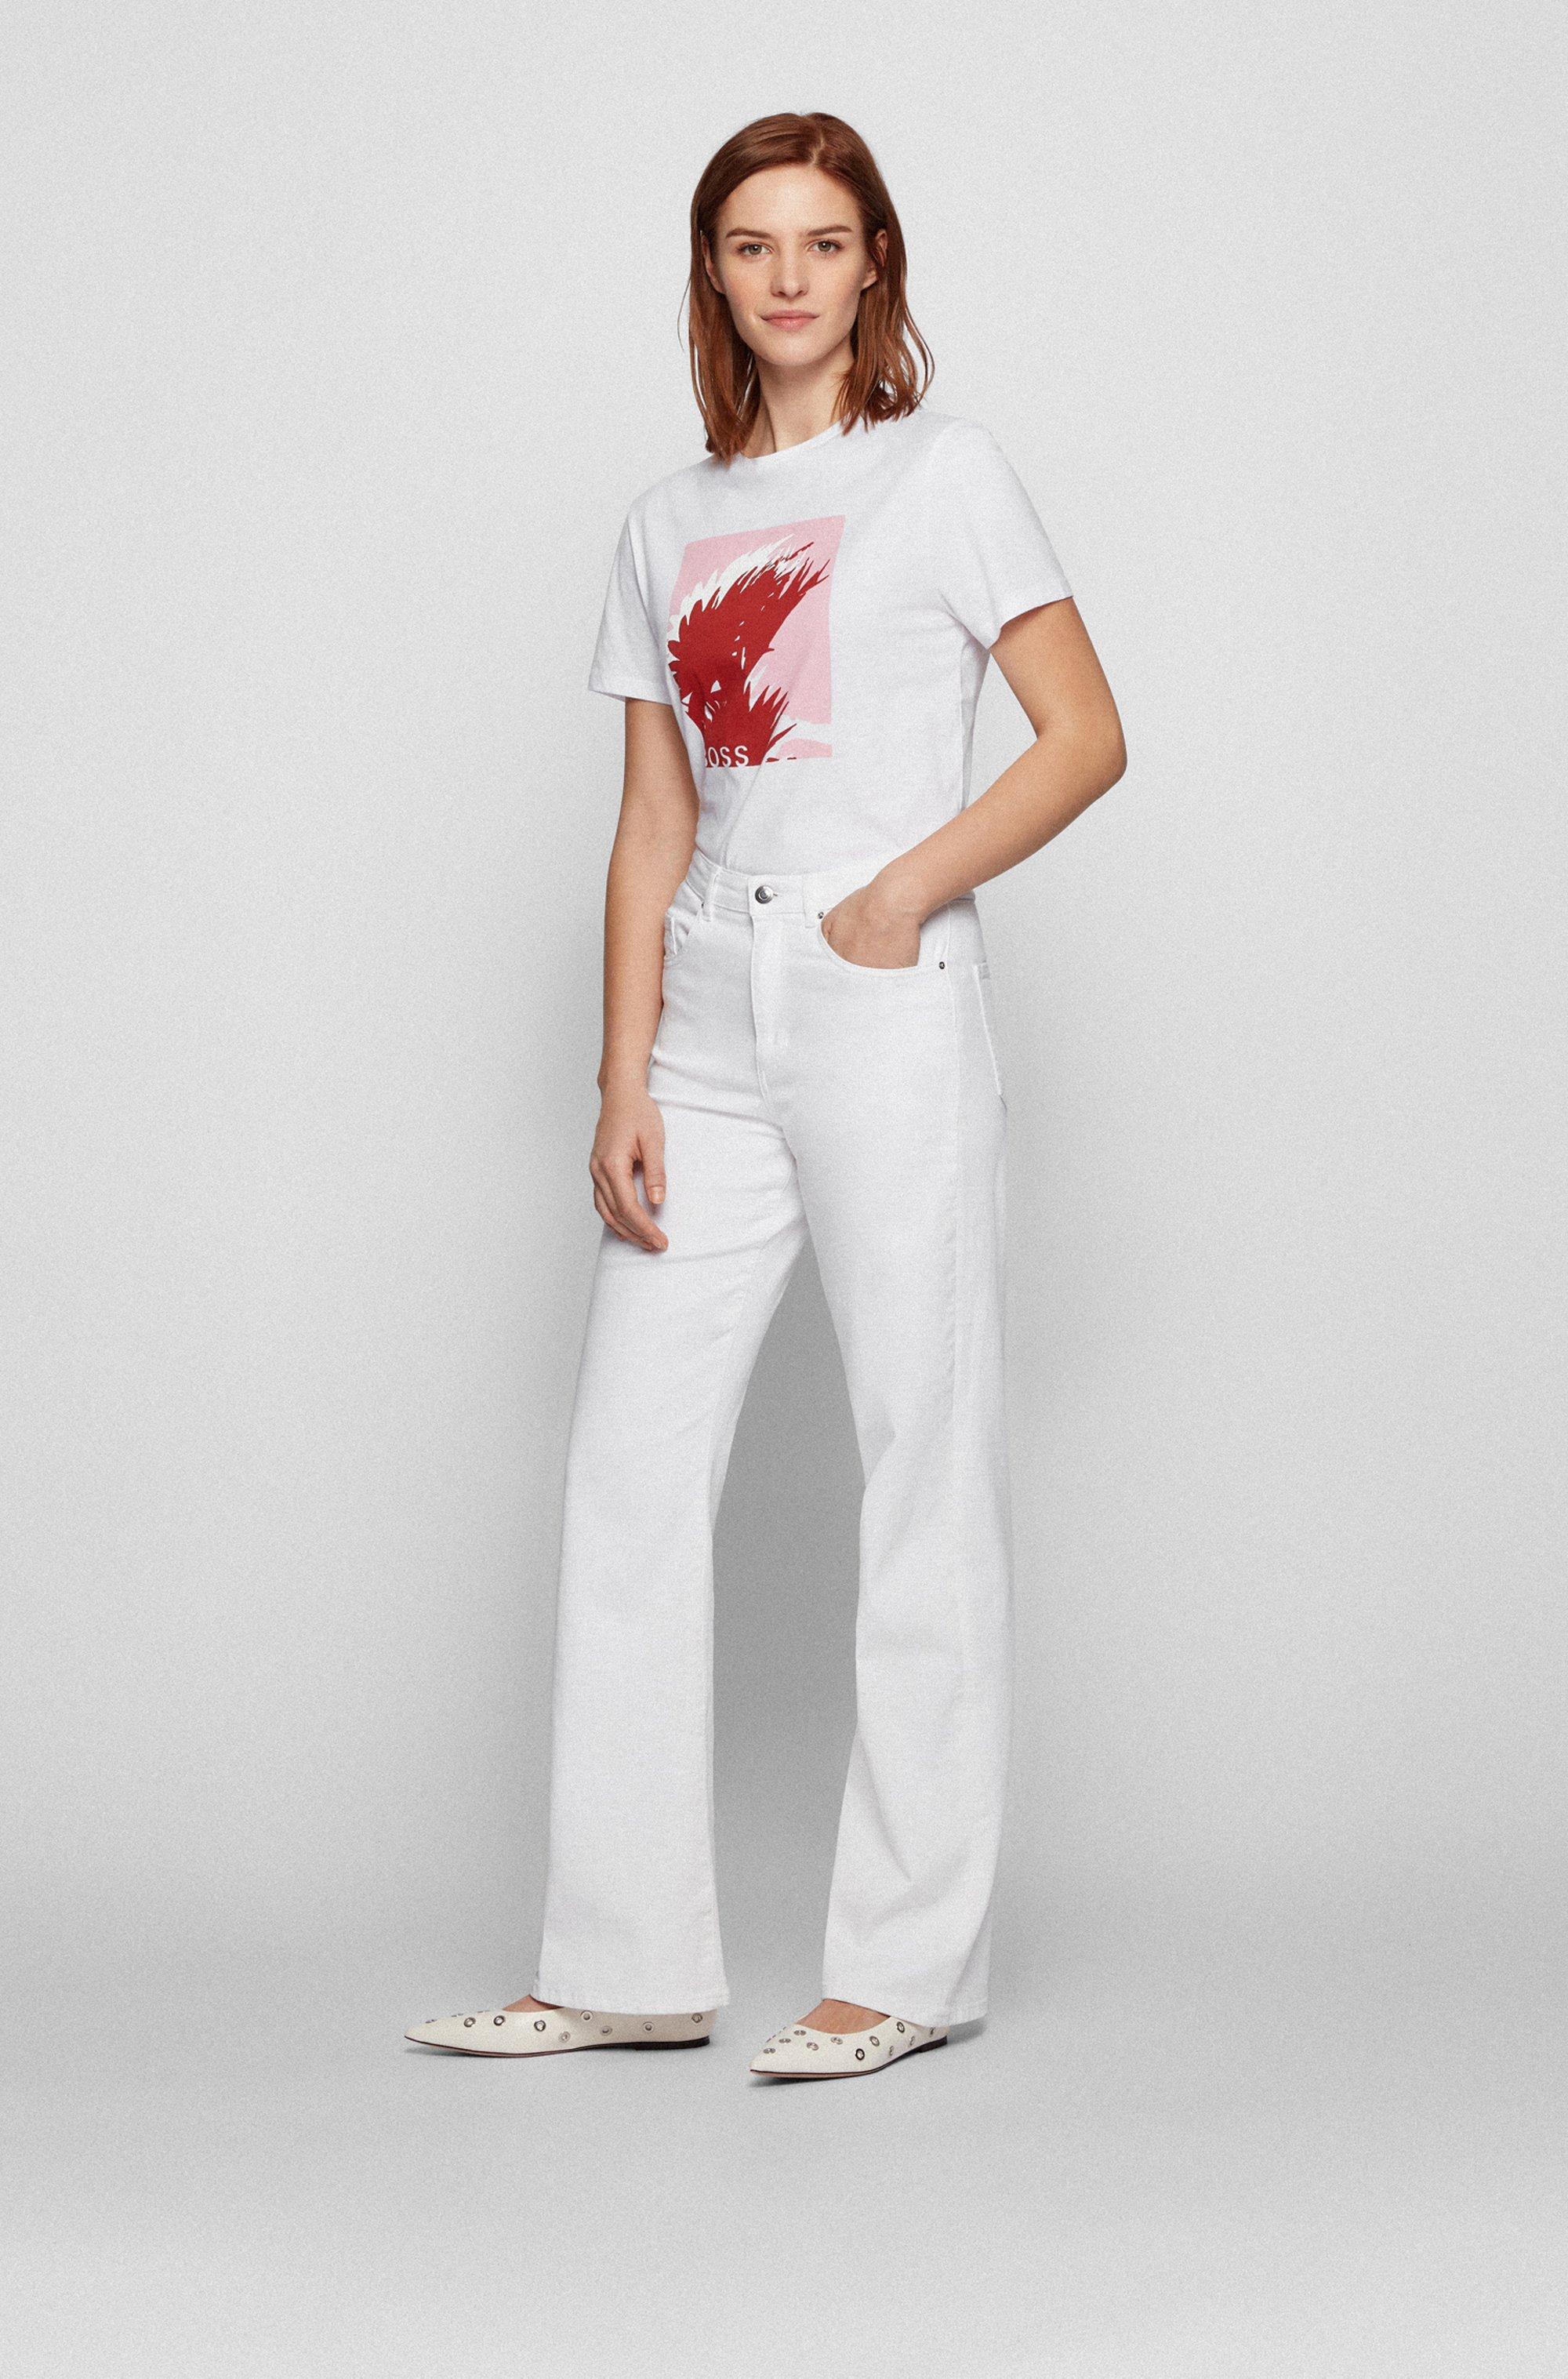 Camiseta de algodón orgánico con estampado gráfico y cuello redondo